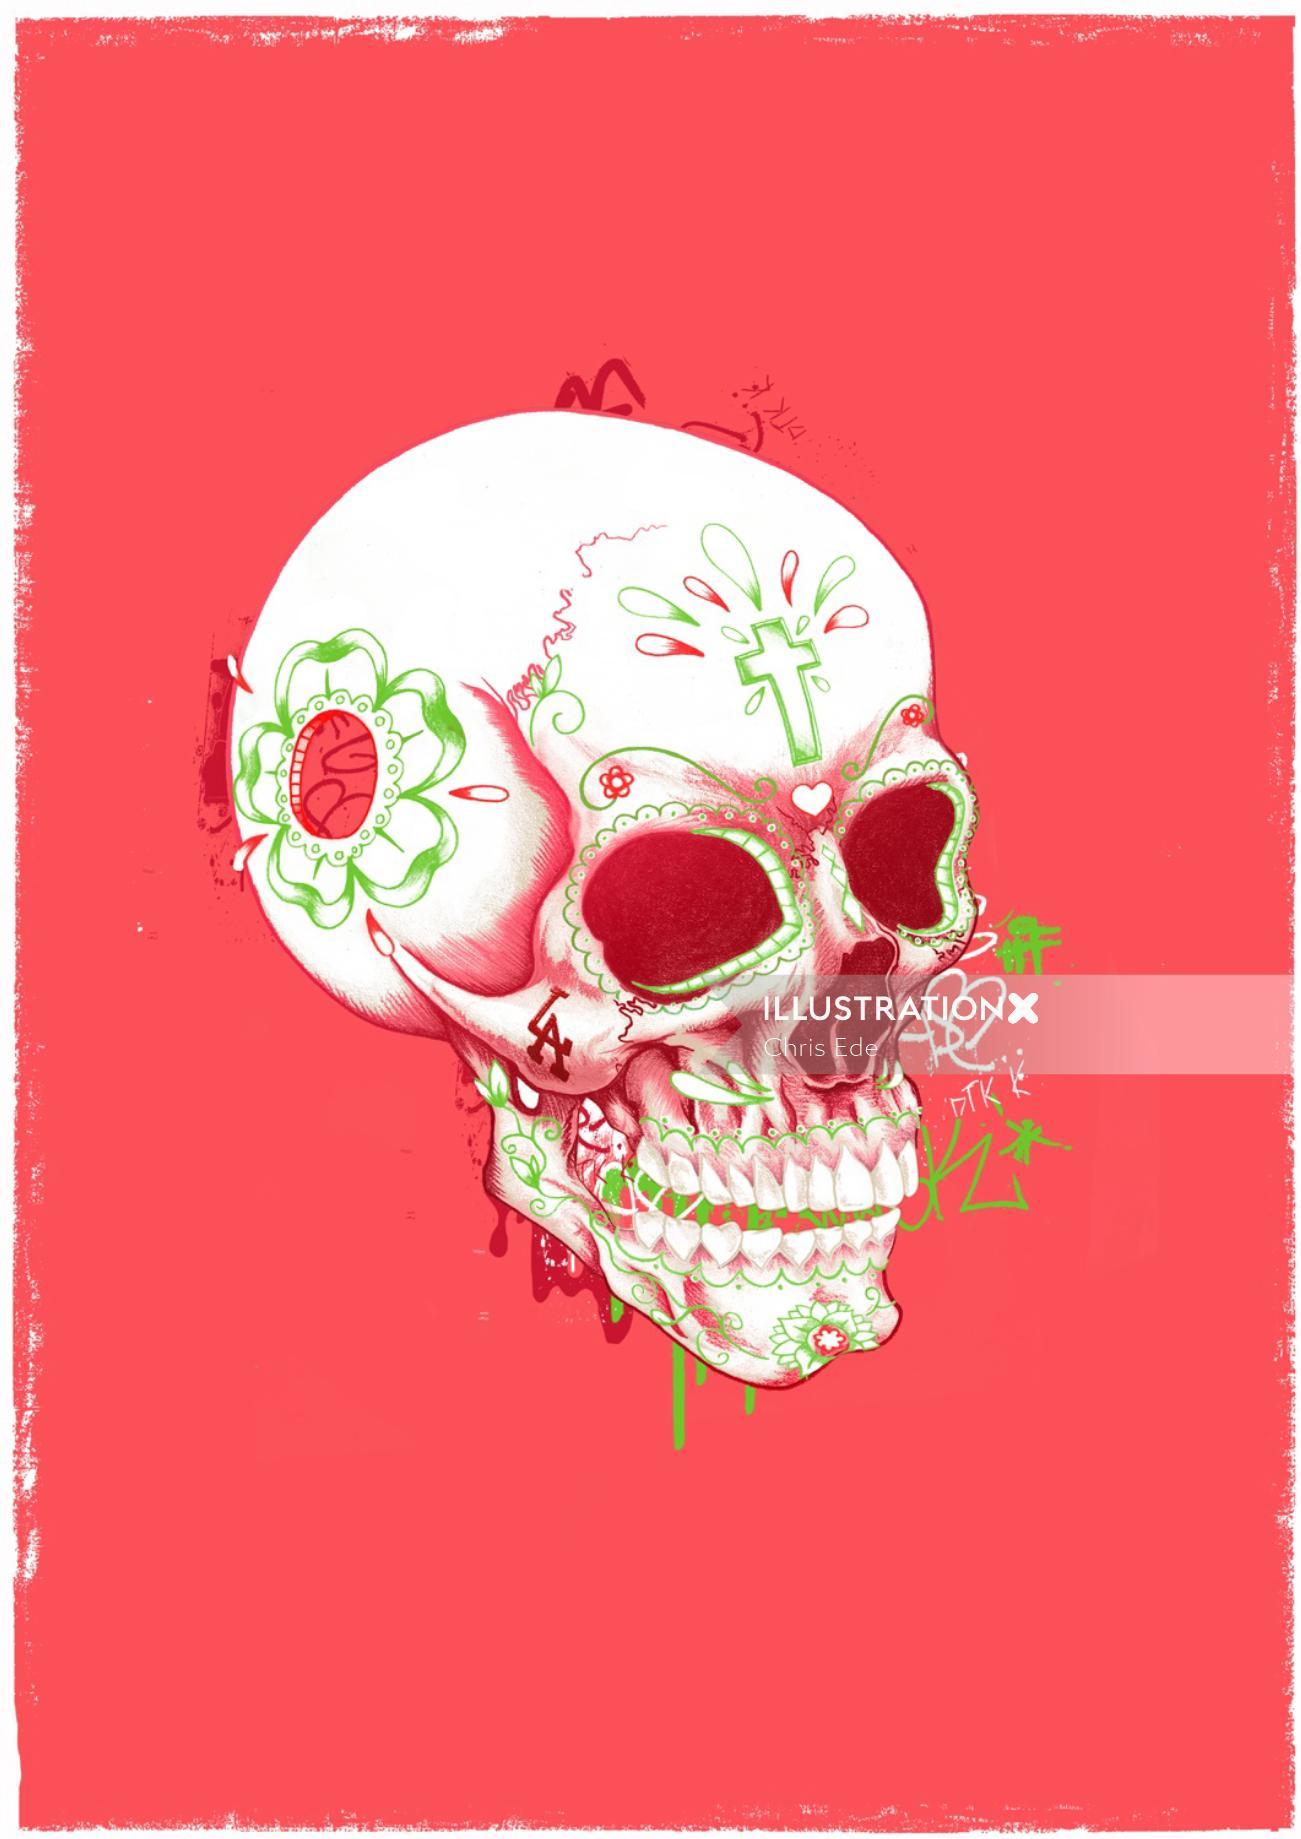 Skull illustration by Chris Ede